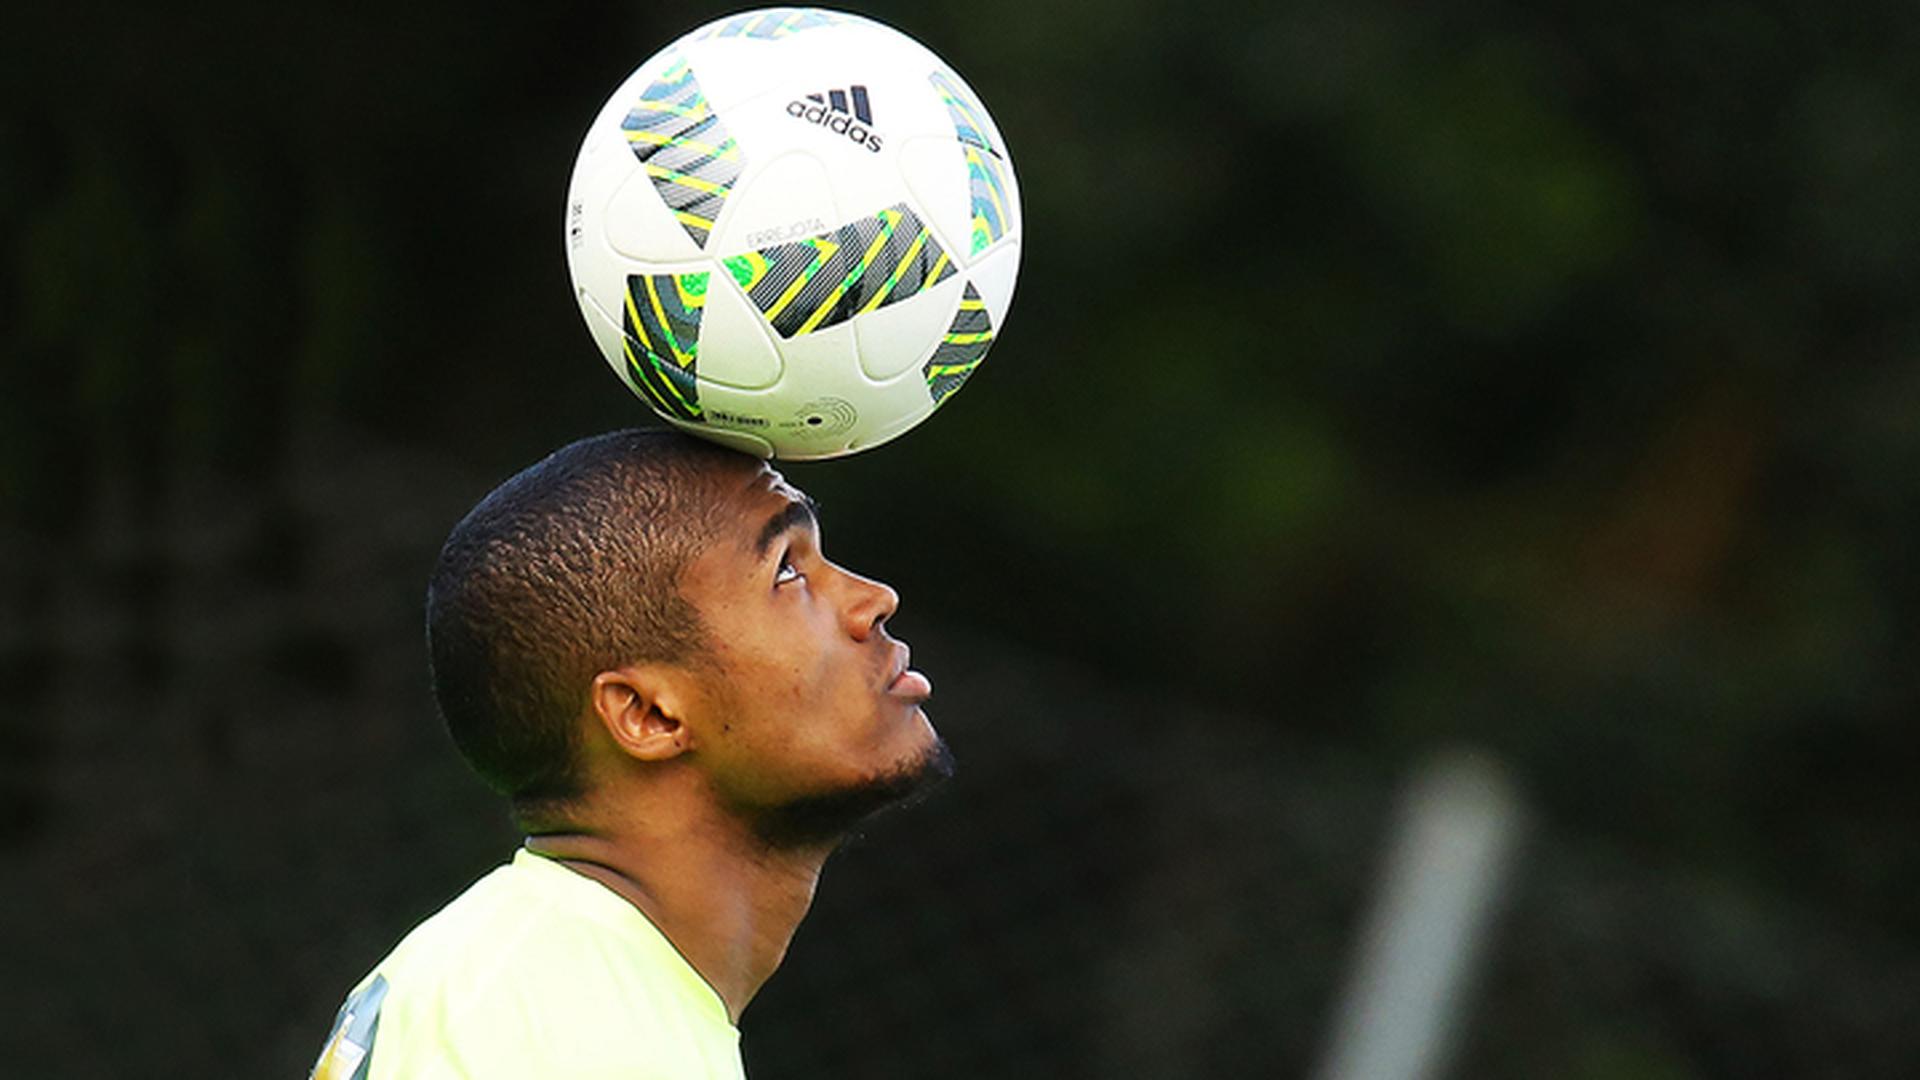 Футболист Бразилии Коста рискует пропустить остаток чемпионата мира